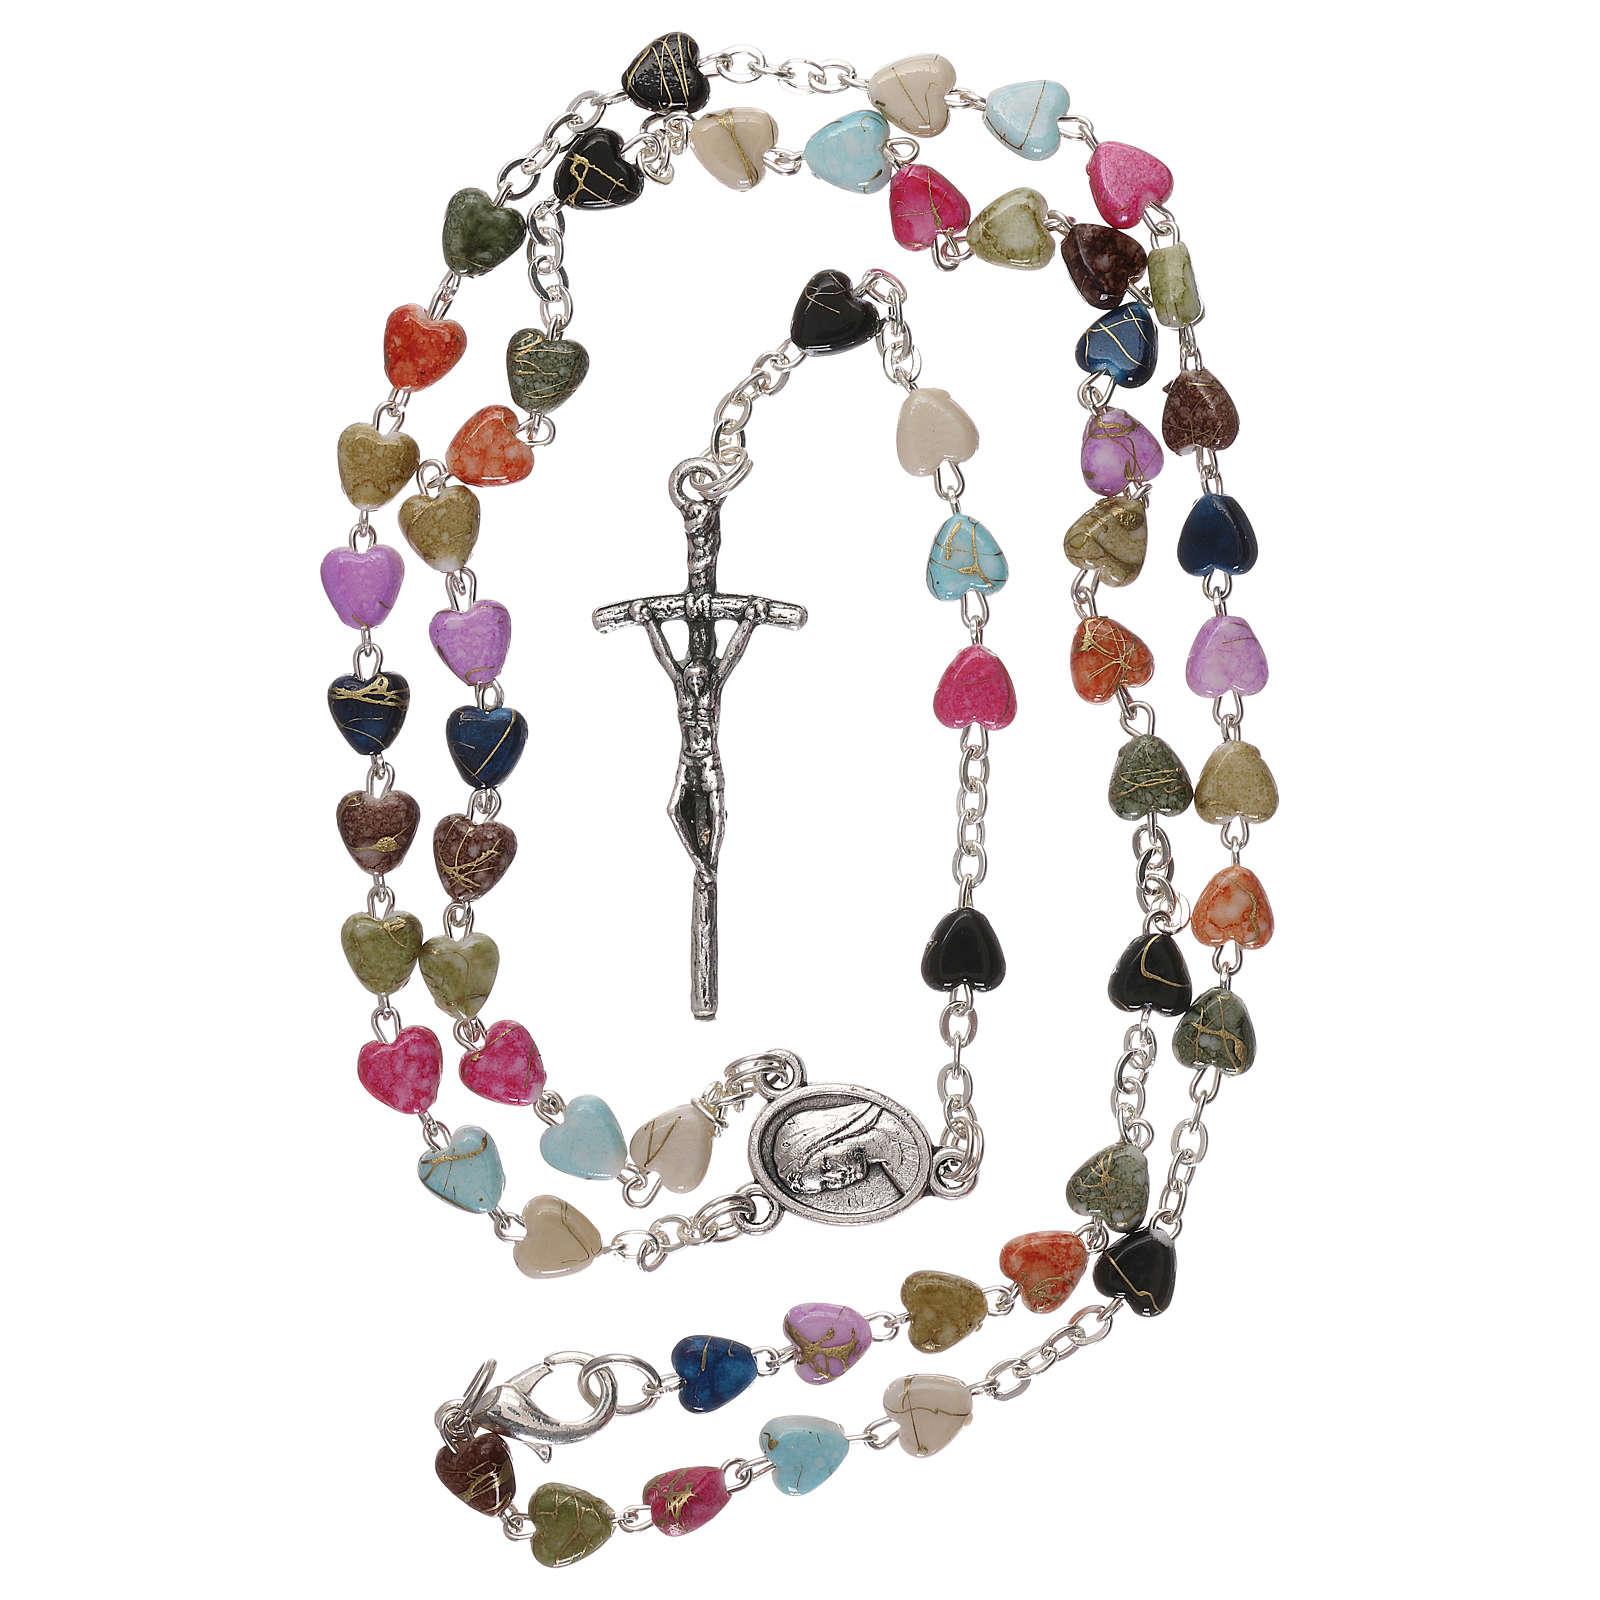 Chapelet collier de Medjugorje multicolore avec fermoir 4